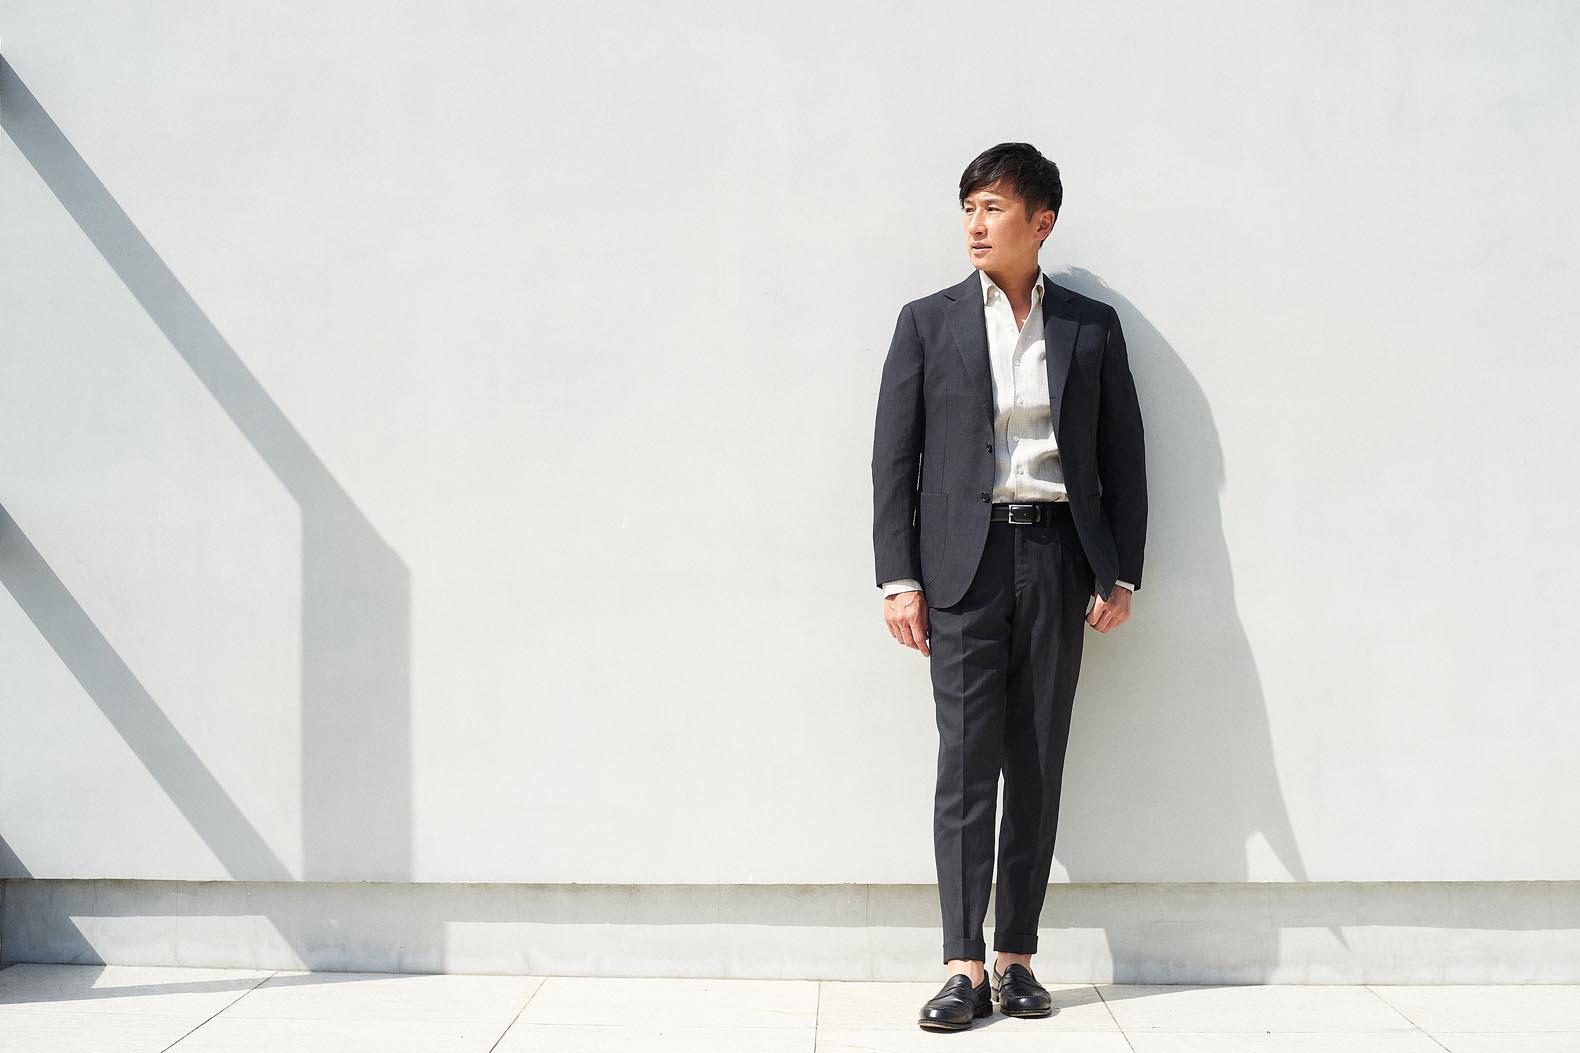 戸賀敬城、希望のスーツ